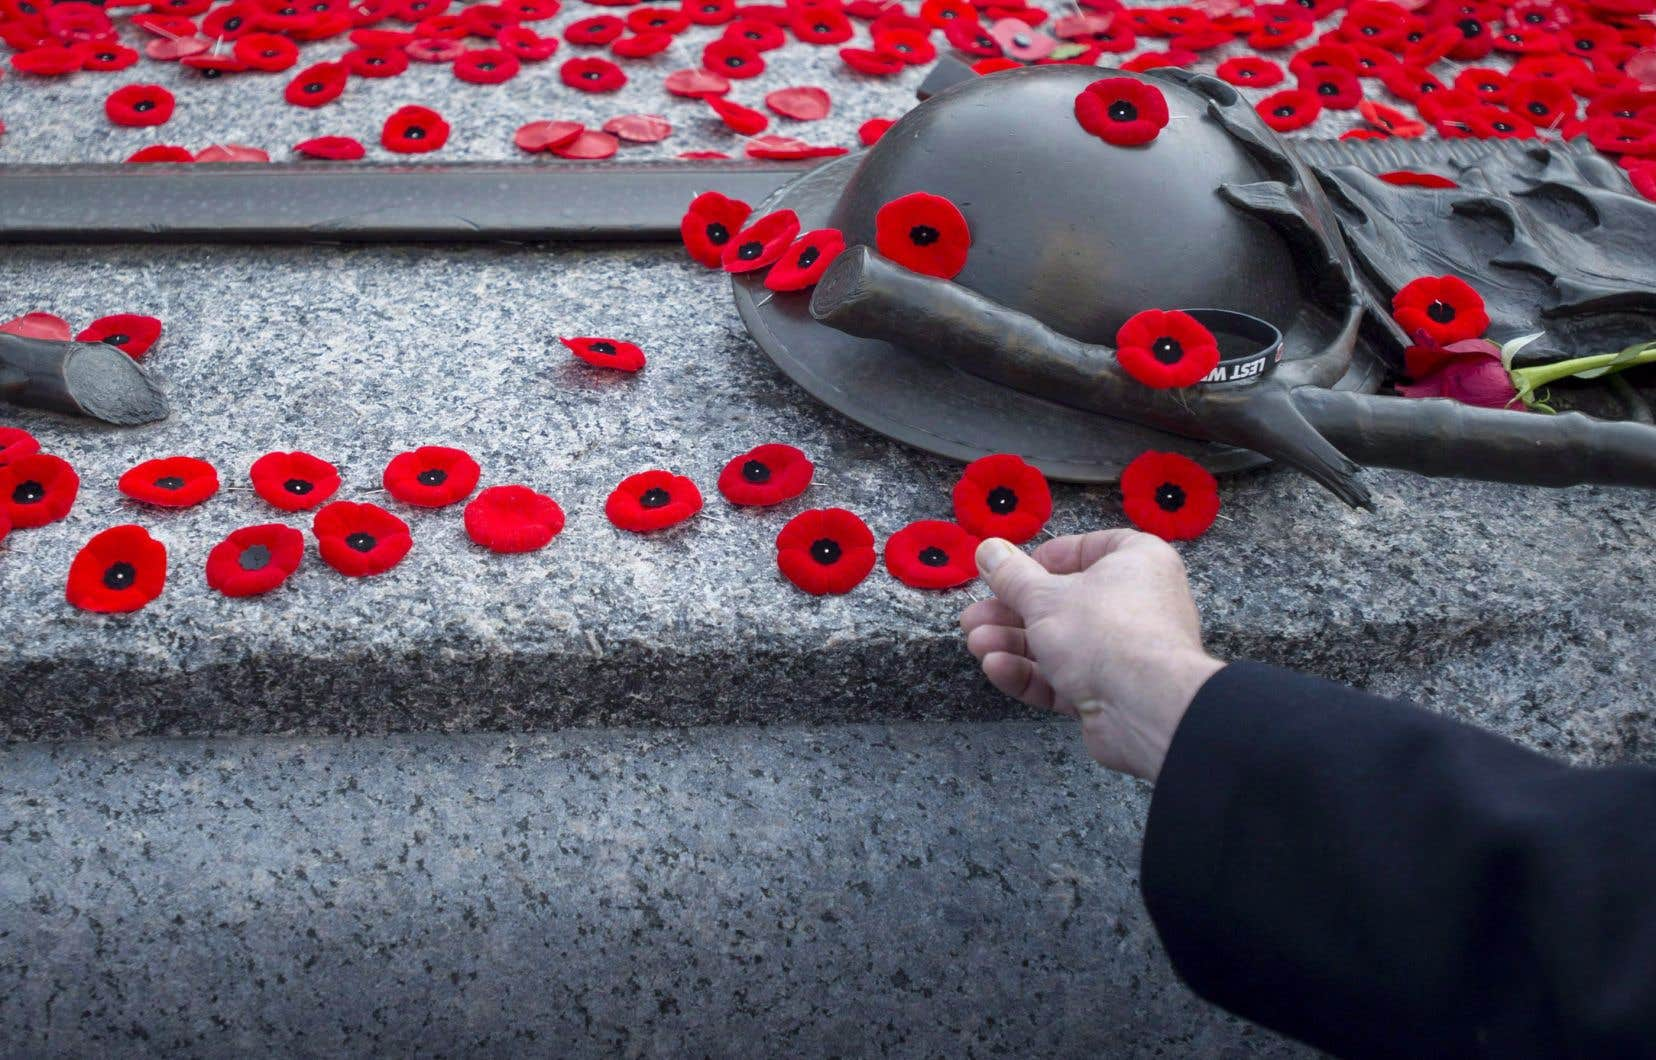 Au Canada, la cérémonie du 11novembre se développe comme un moment clé de communion nationale autour des disparus et des vétérans du premier conflit mondial, rappelle l'auteur.